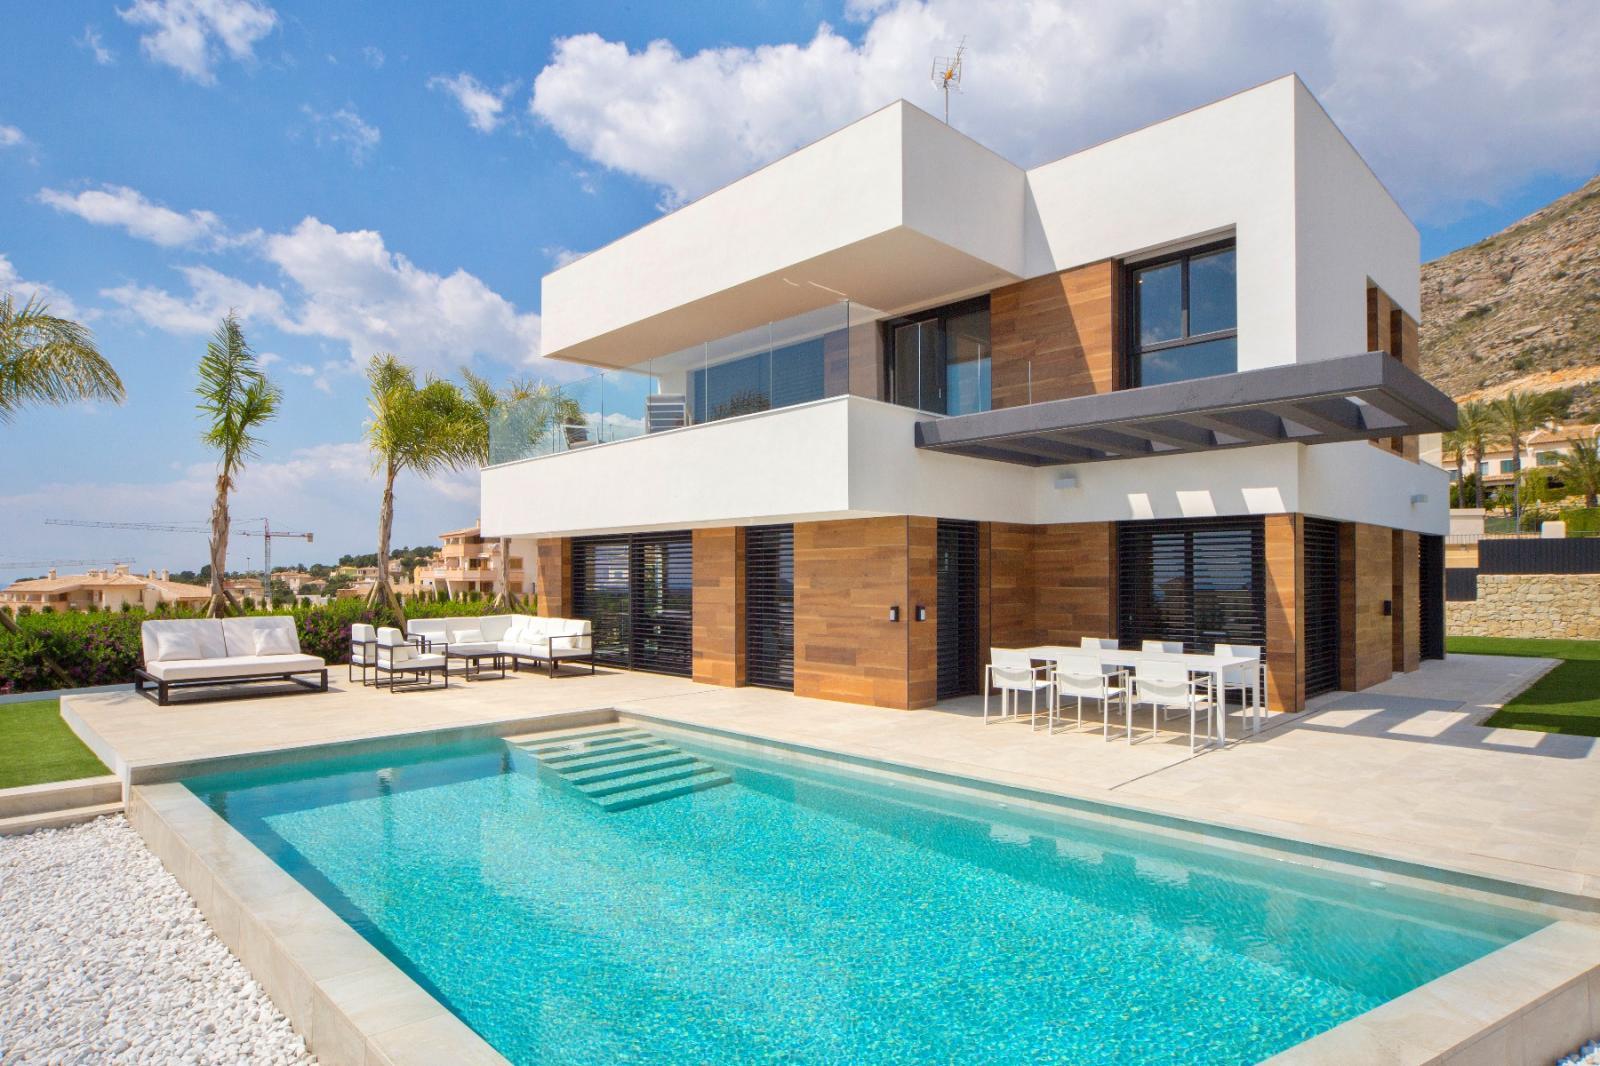 63621276 1985762 foto 645758 - Descubre esta pequeña villa de estructura moderna y diseño lujoso en Finestrat, Alicante